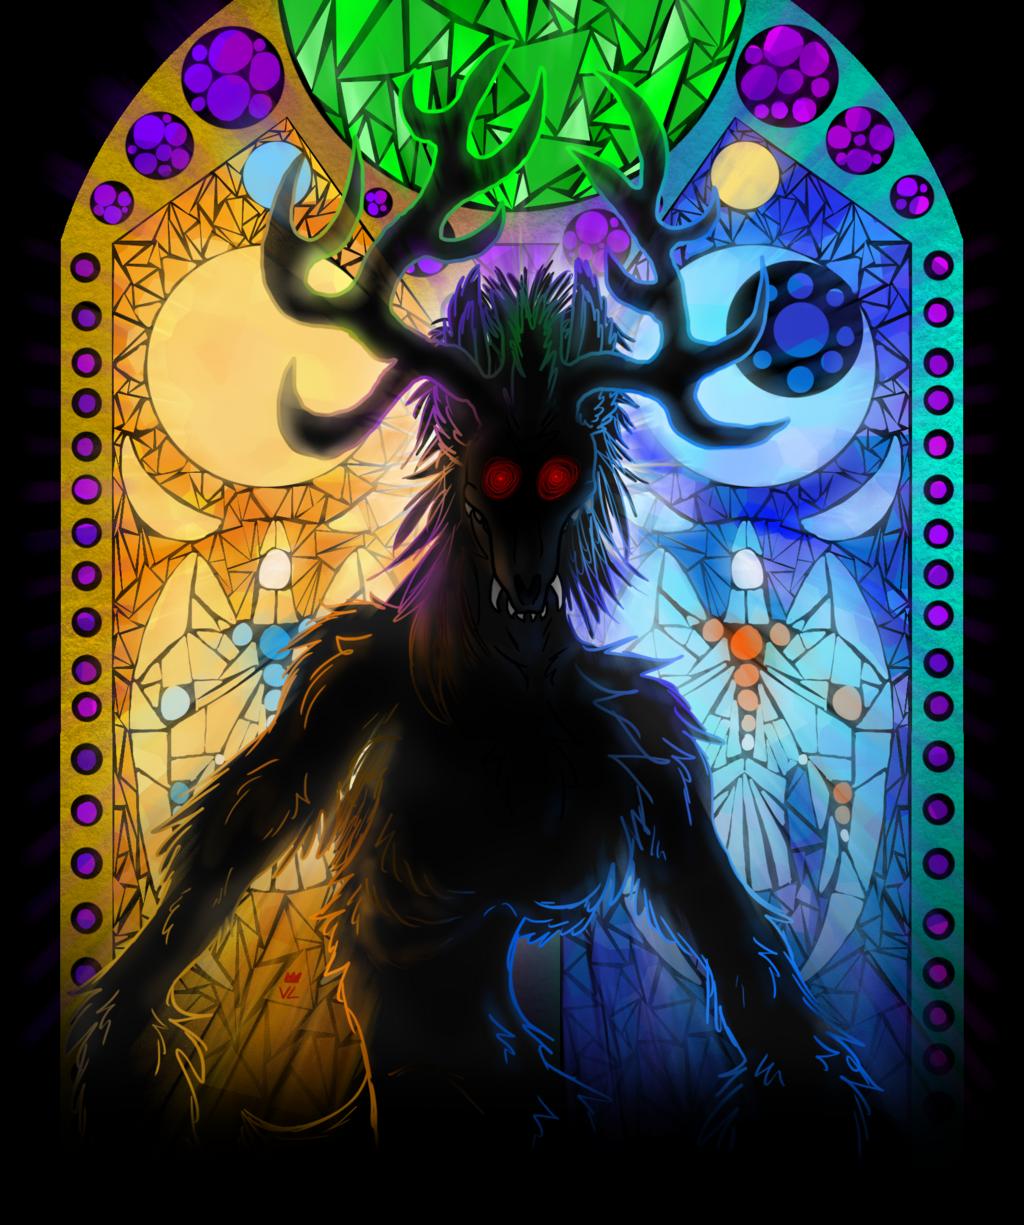 The Monstrosity